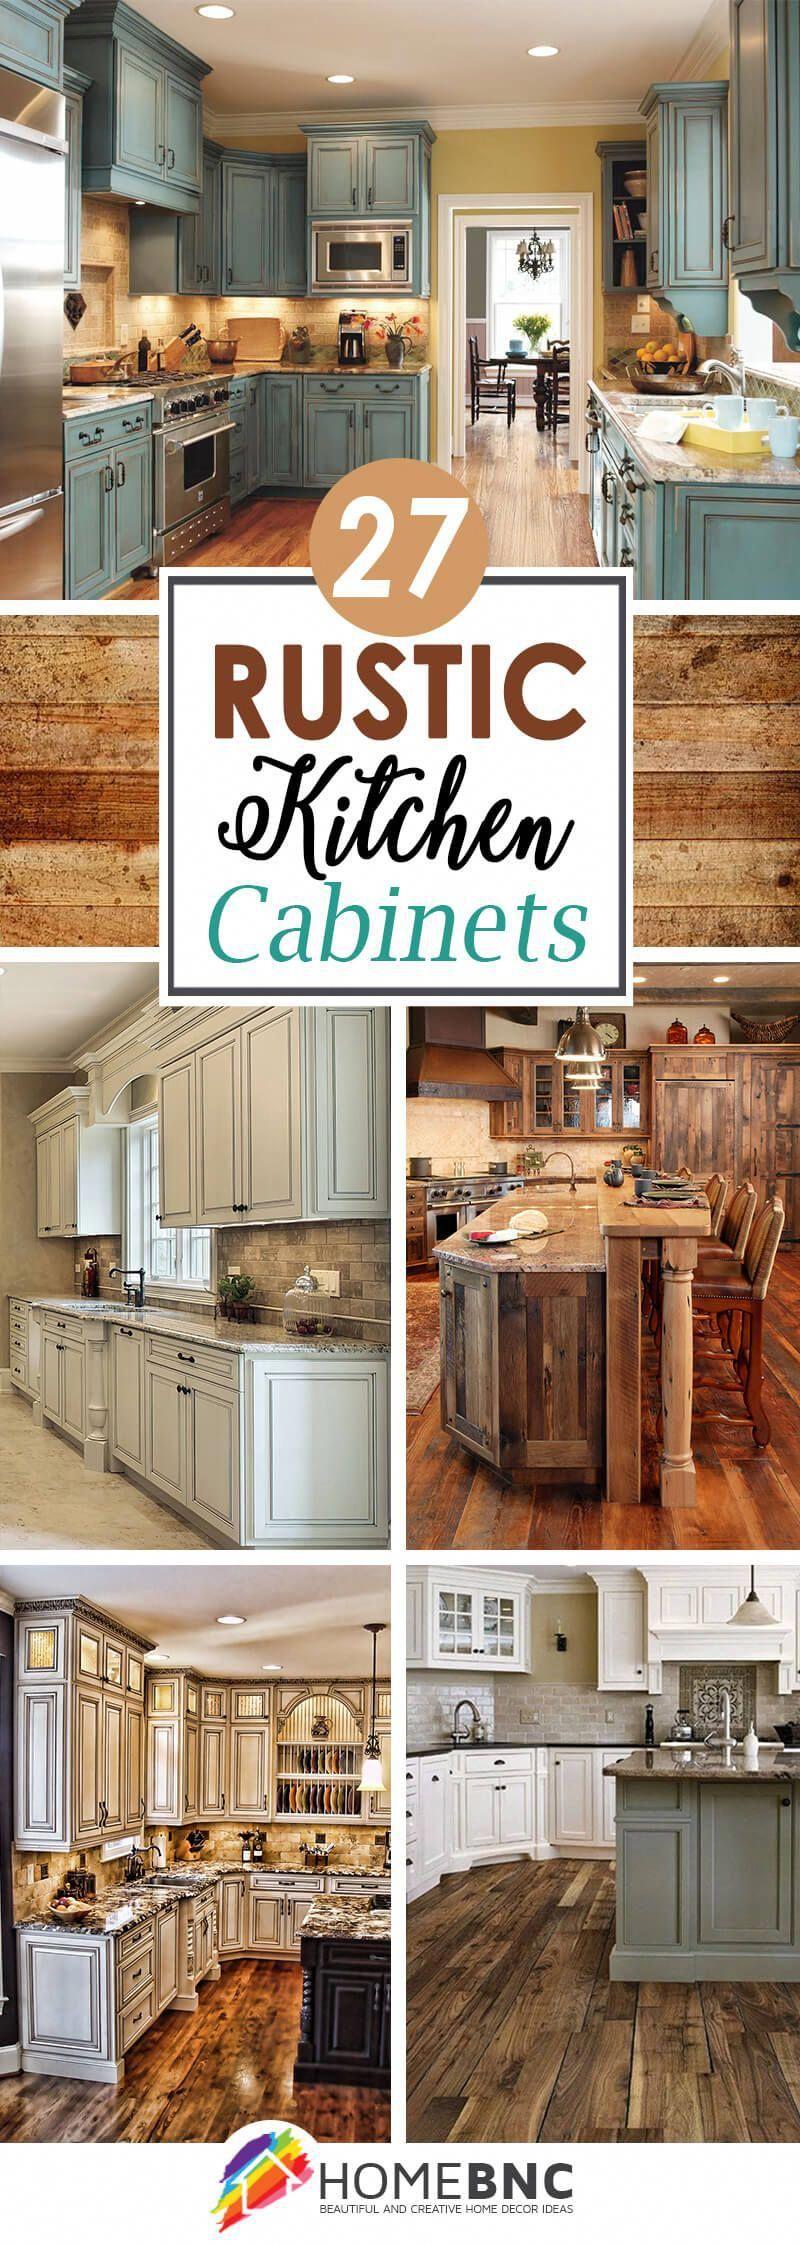 10x10 Kitchen Remodel Cost #kitchencrush #kitchendiy